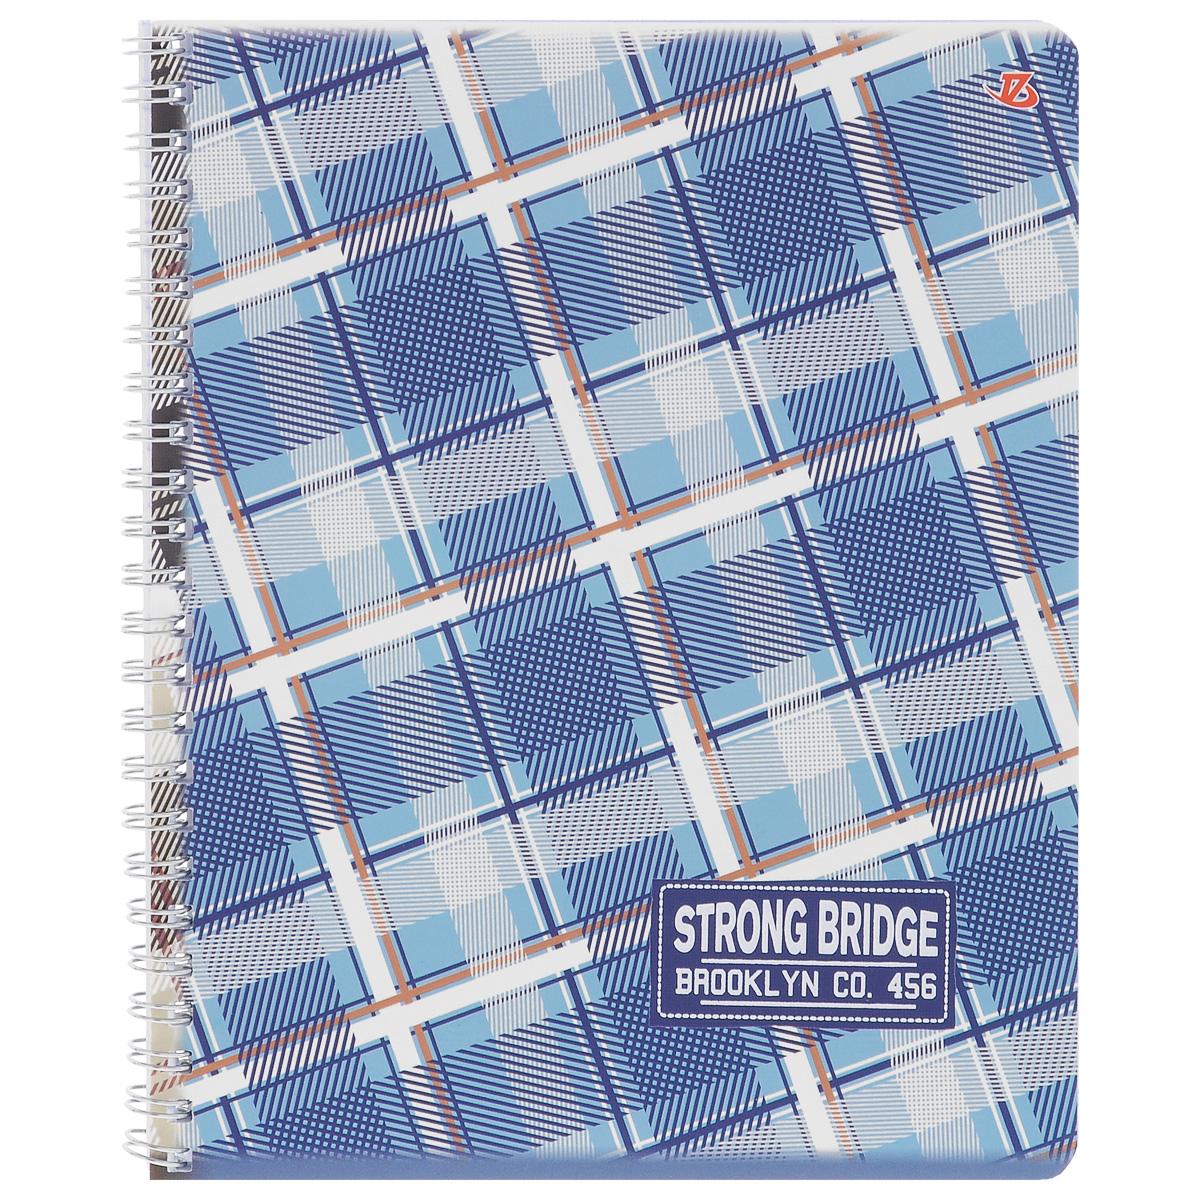 Тетрадь в клетку Strong Bridge, цвет: синий, голубой, бежевый, 60 листов. 6658/396Т5B2_зеленыйТетрадь Strong Bridge подойдет для любых работ и студенту, и школьнику.Фактурная обложка тетради с элементами серебряного тиснения выполнена из мелованного картона с закругленными углами.Внутренний блок тетради соединен металлической пружиной и состоит из 60 листов высококачественной бумаги повышенной белизны.